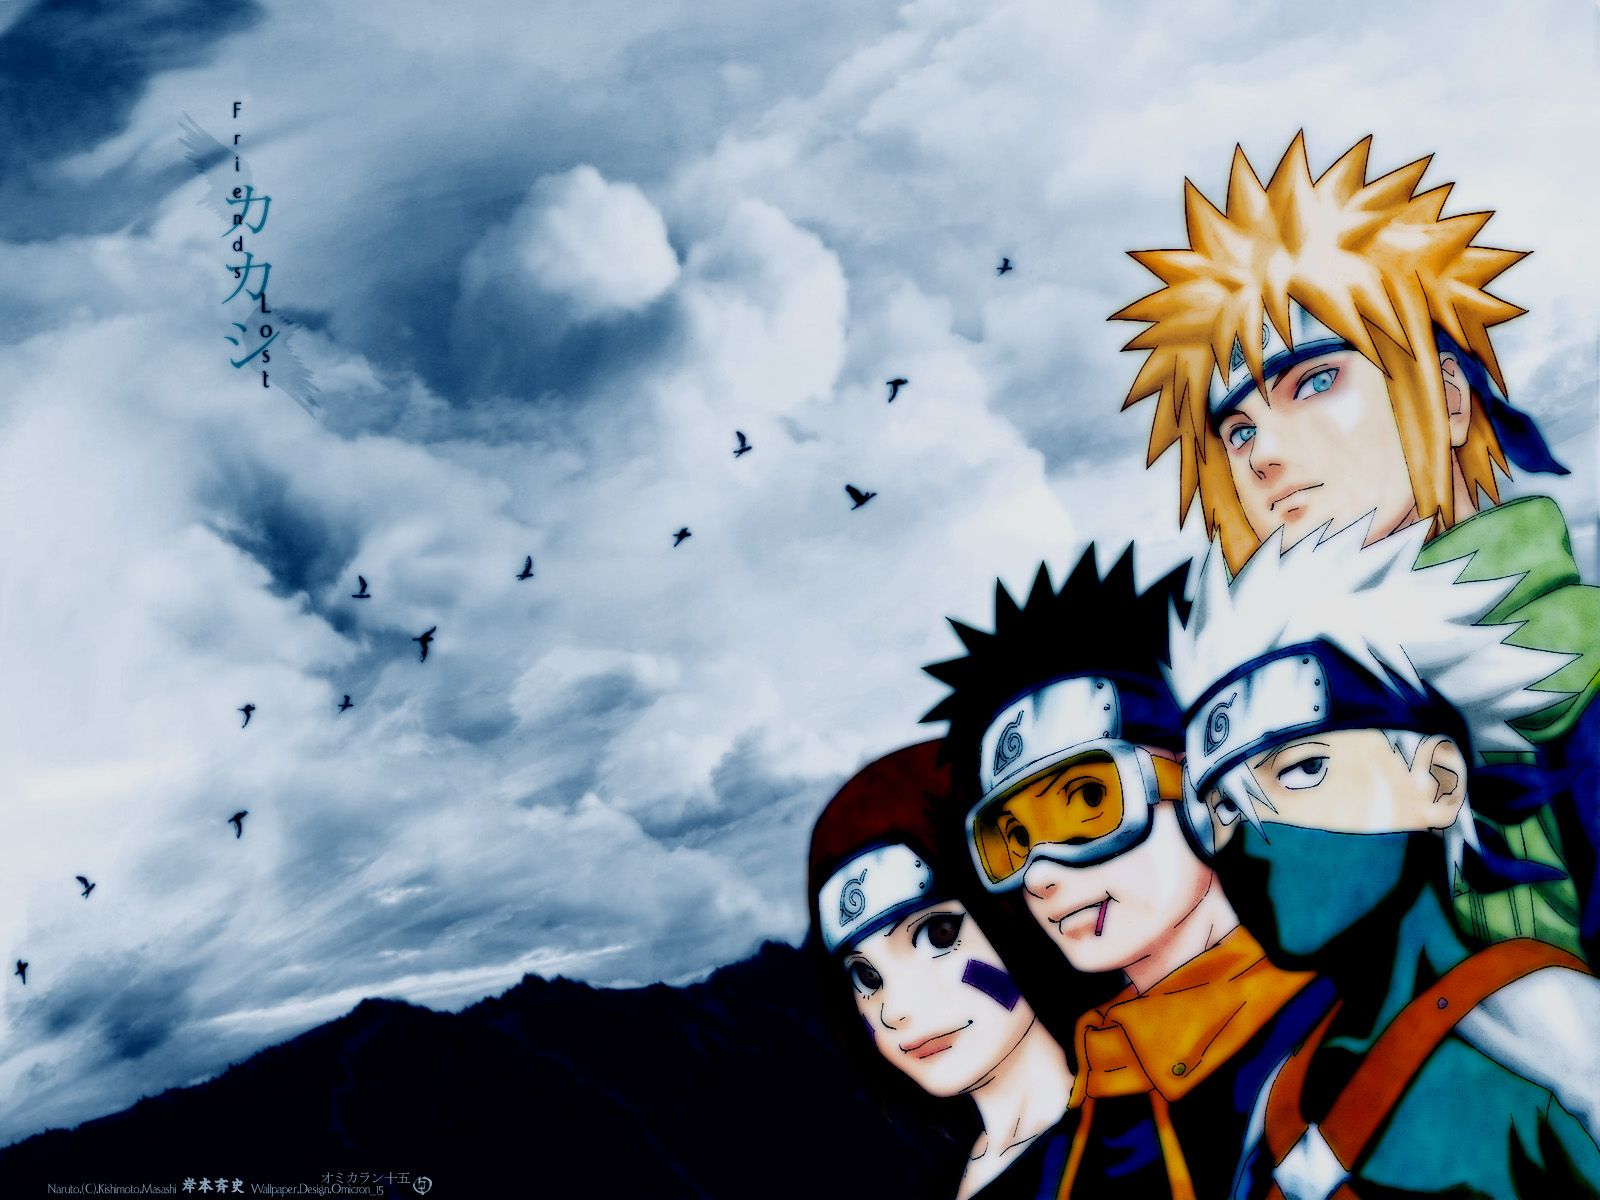 Naruto Shippuden Wallpaper Kakashi